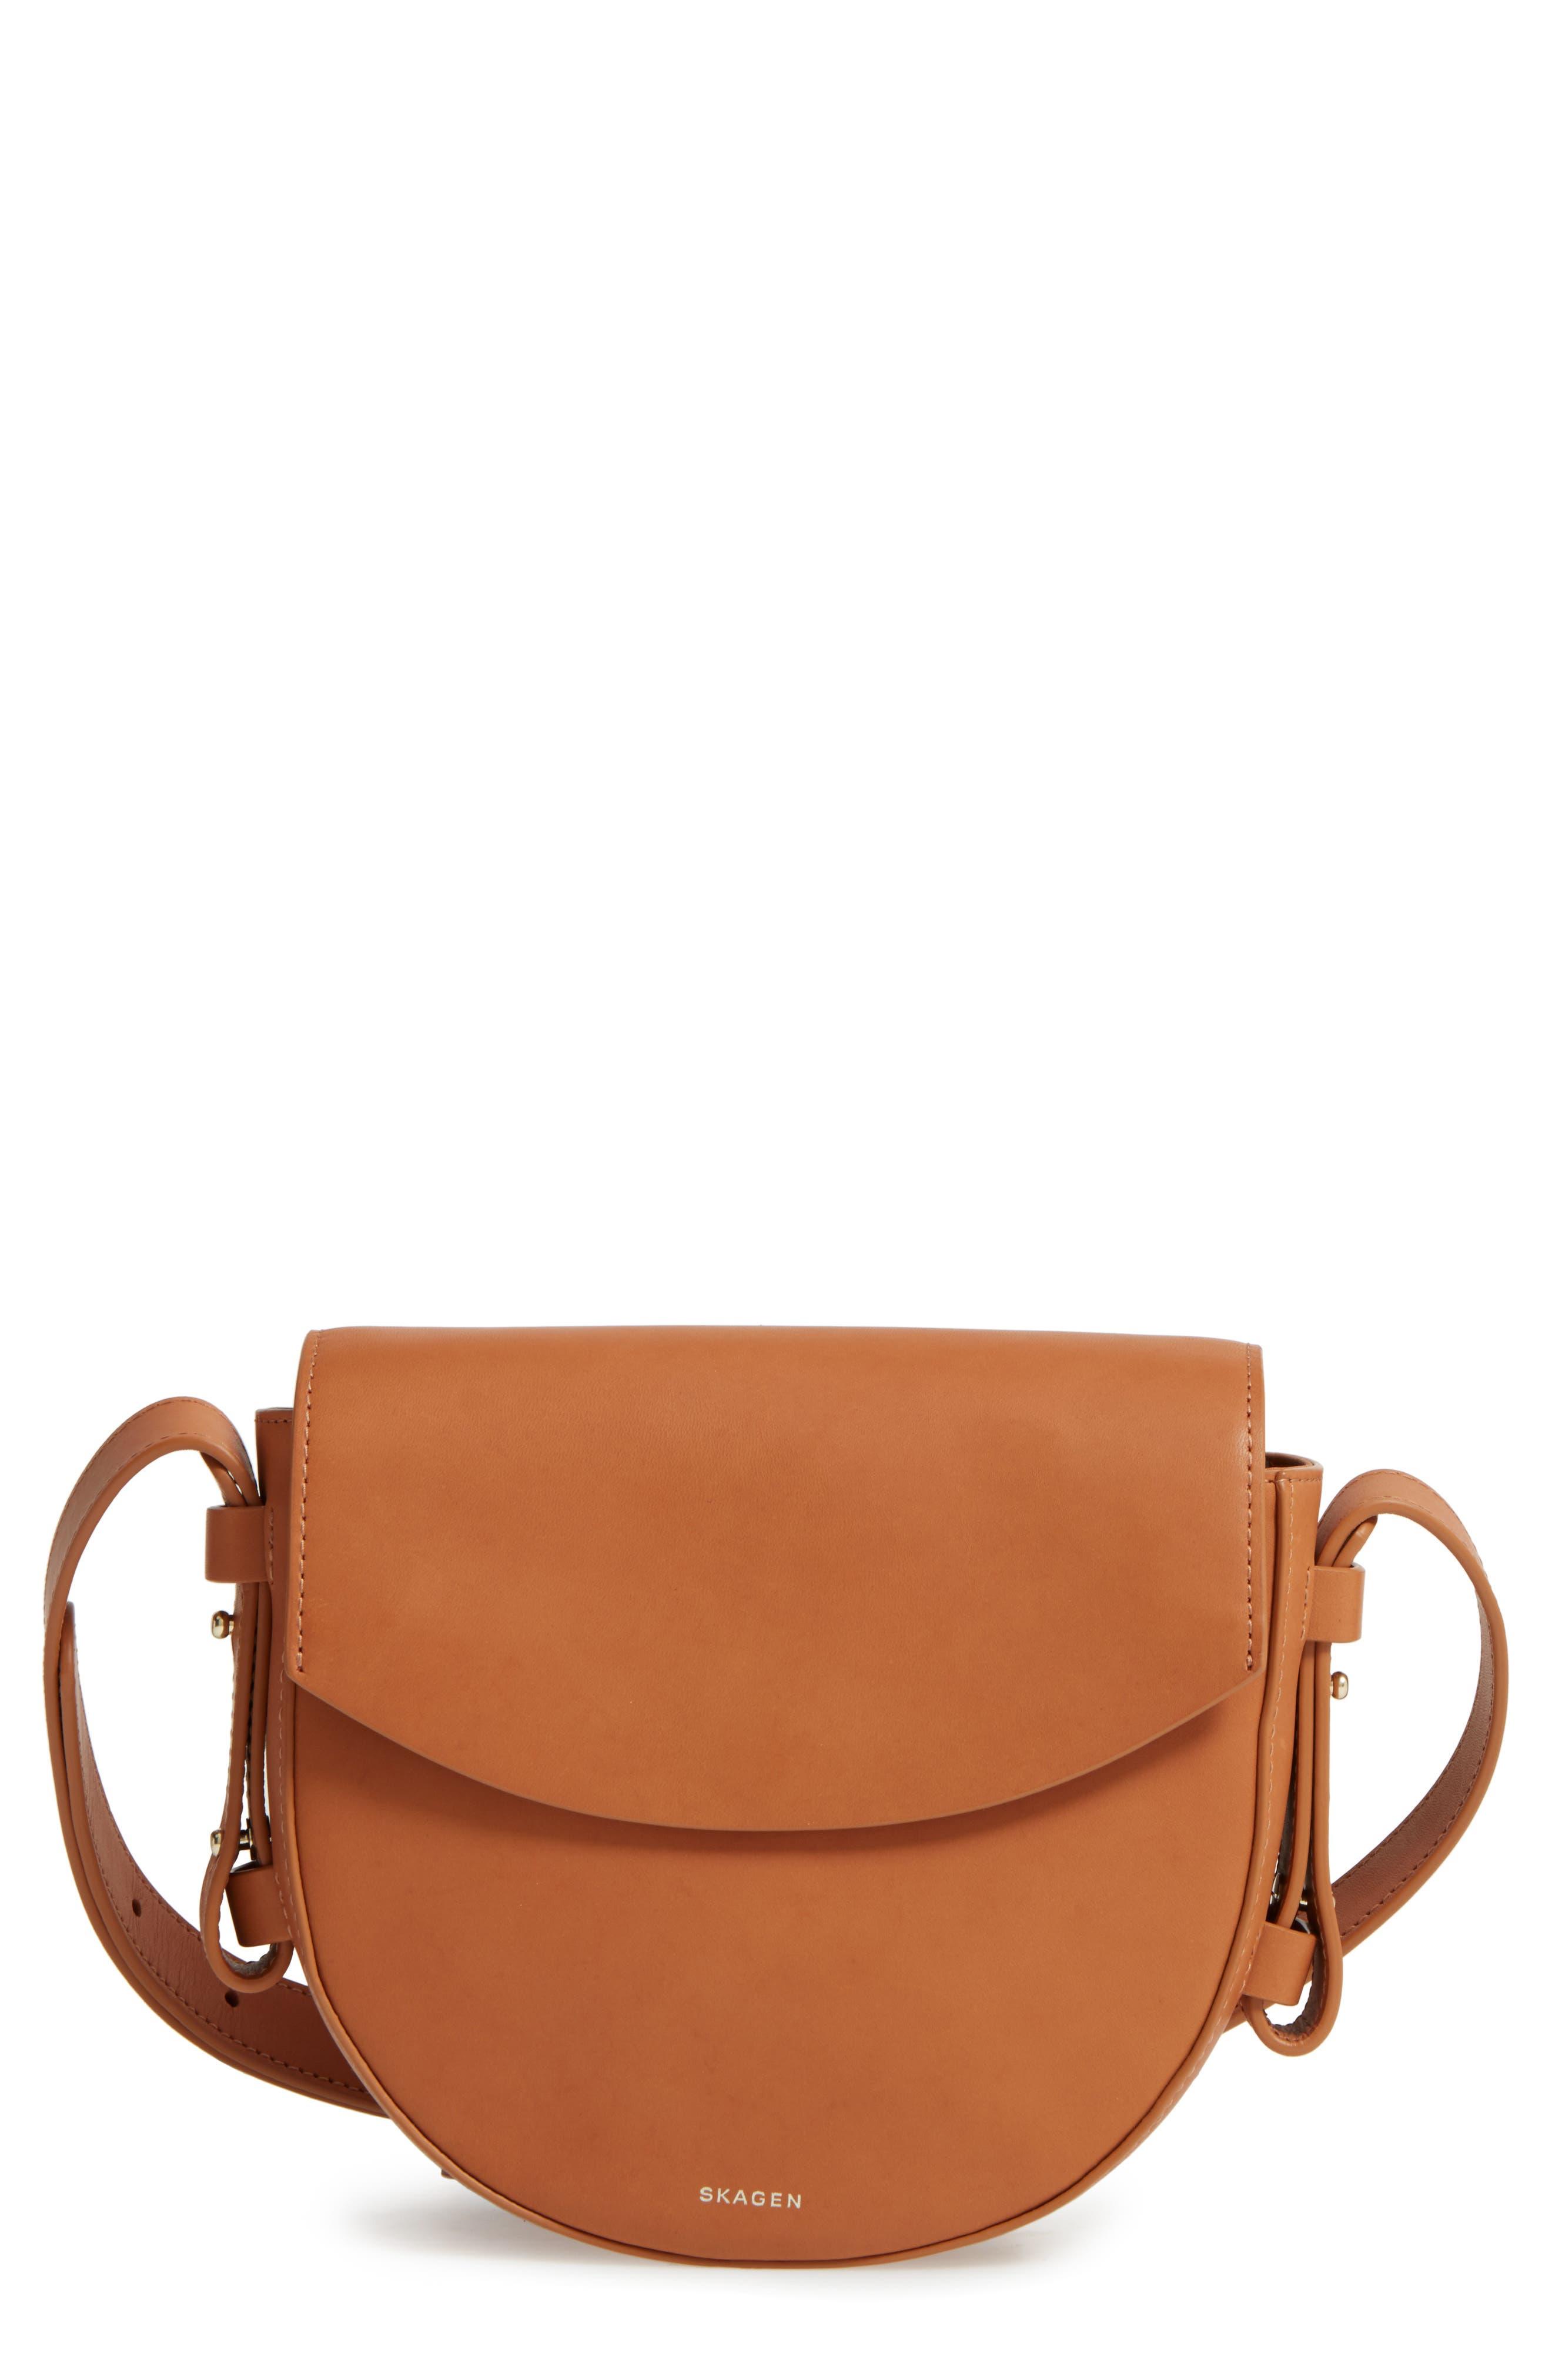 Lobelle Leather Saddle Bag,                         Main,                         color, Tan